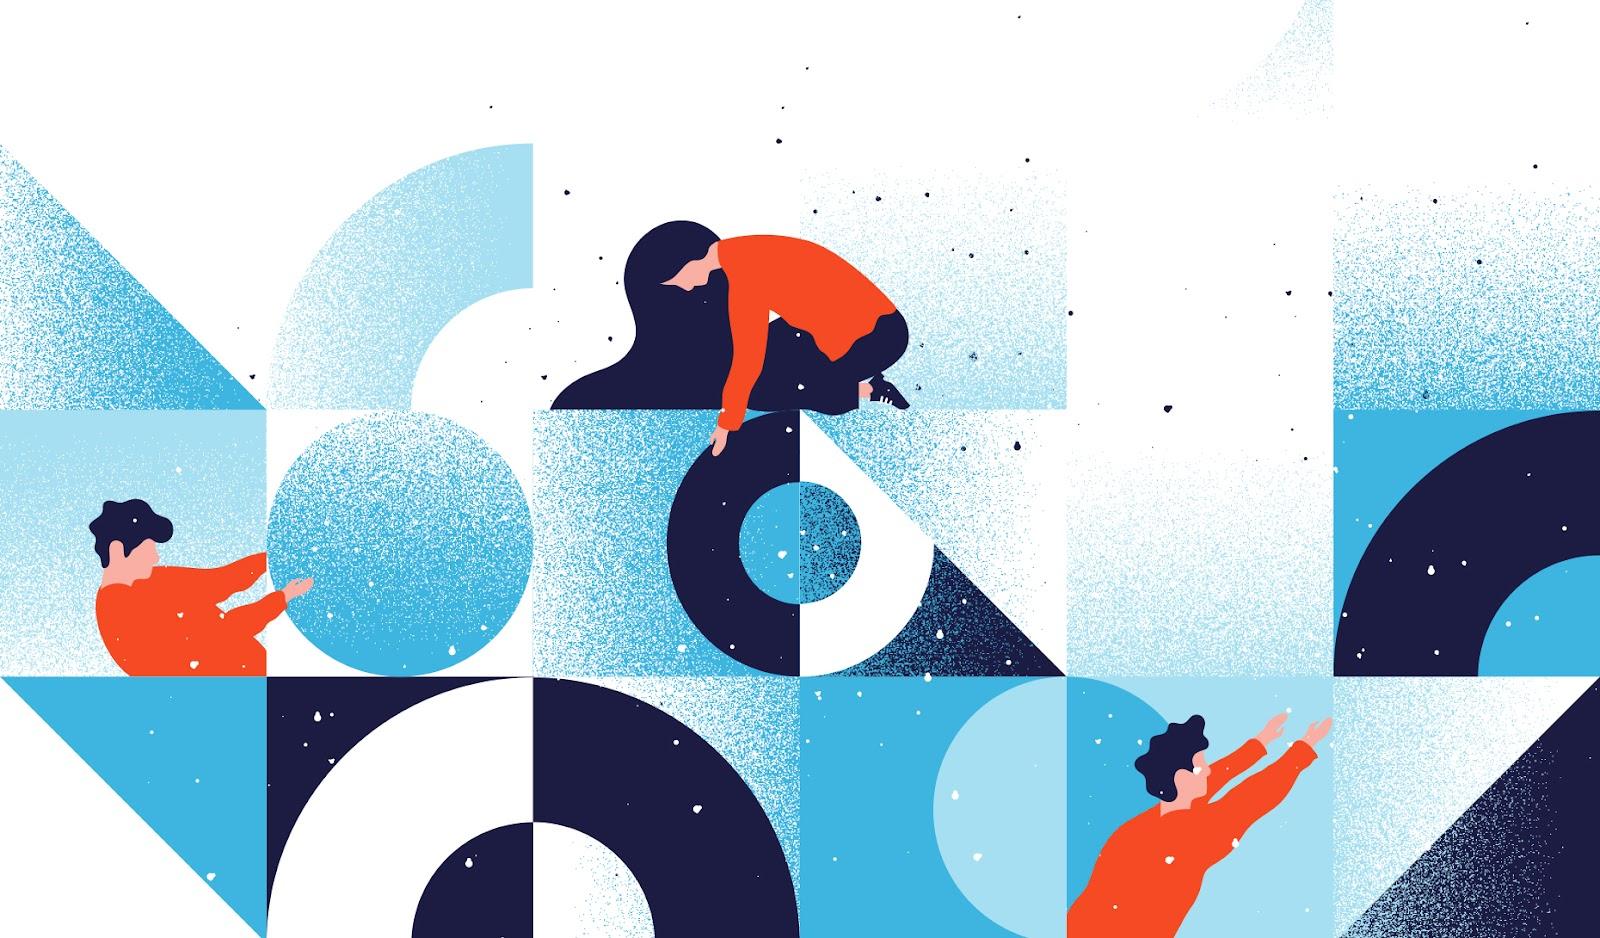 Une illustration moderne et abstraite inspirée du design Memphis